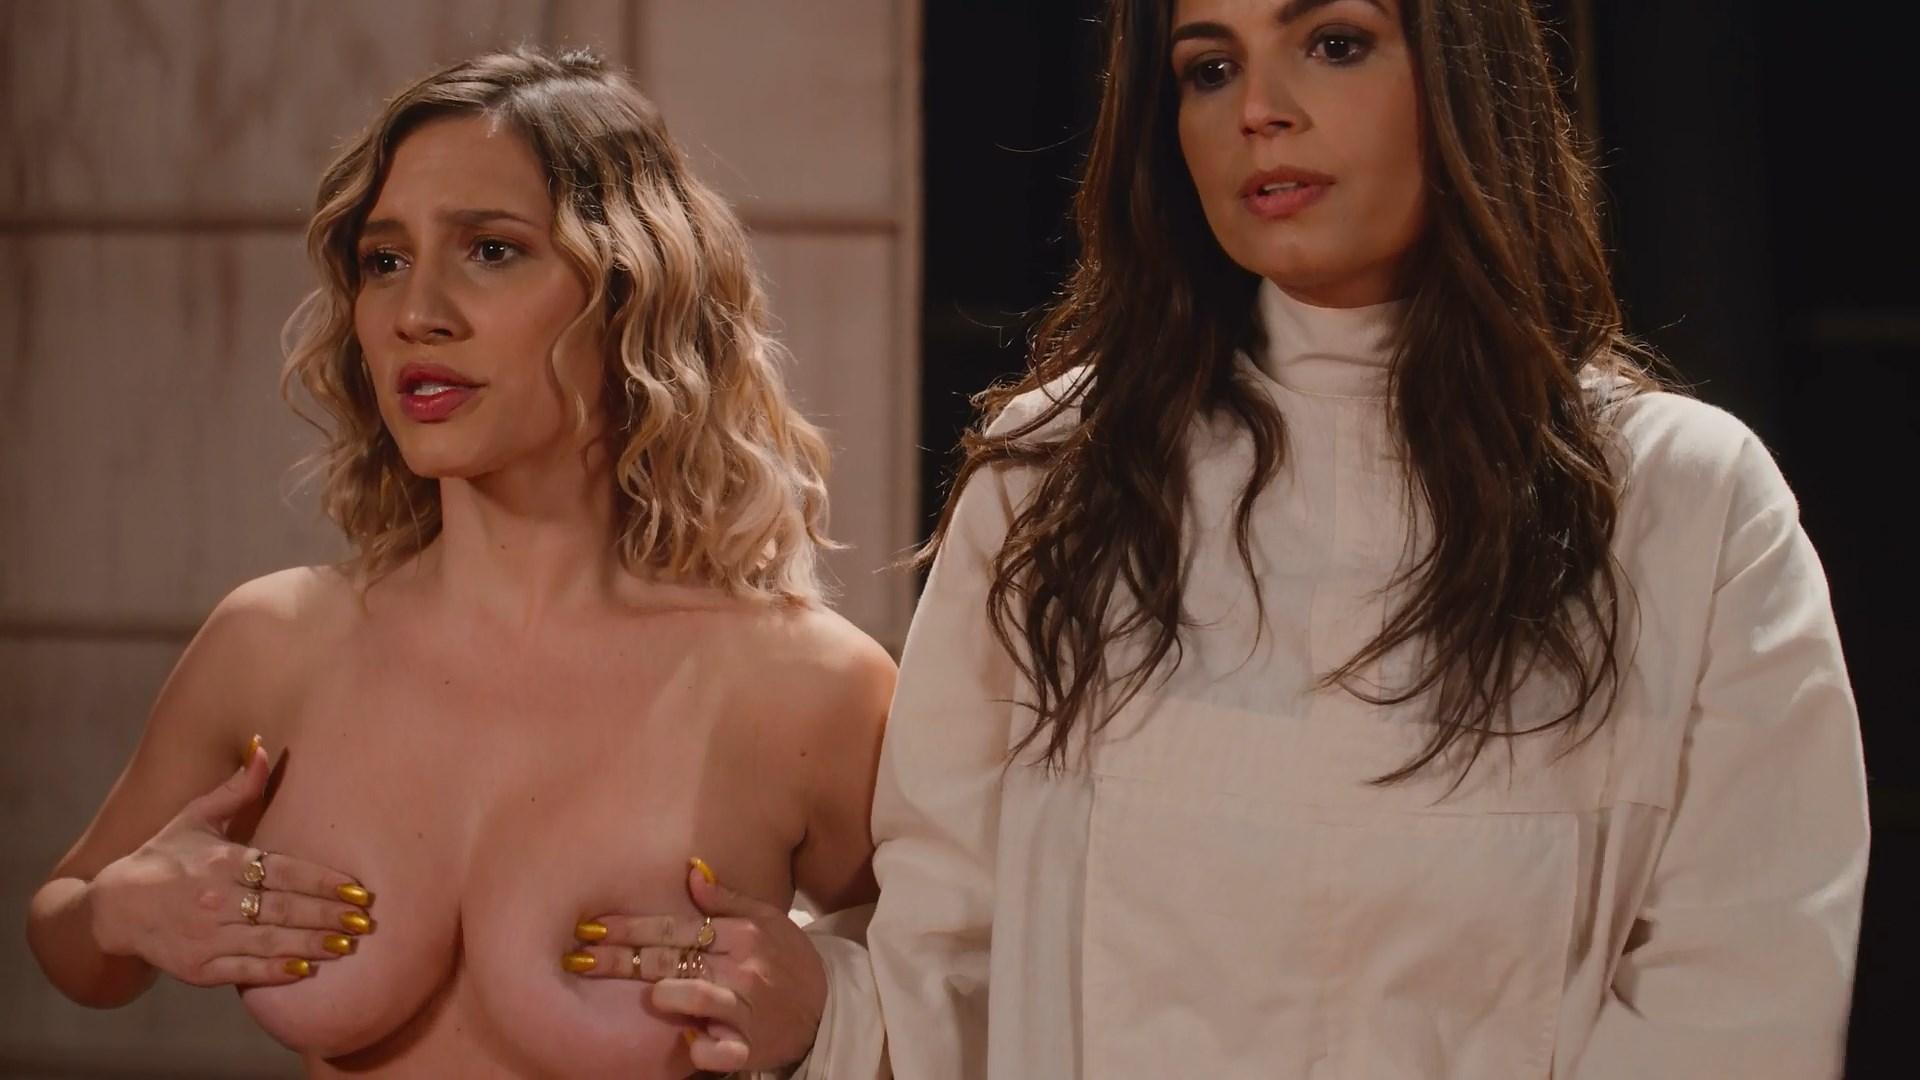 Lorena Comparato nude - Samantha! s02e05 (2019)